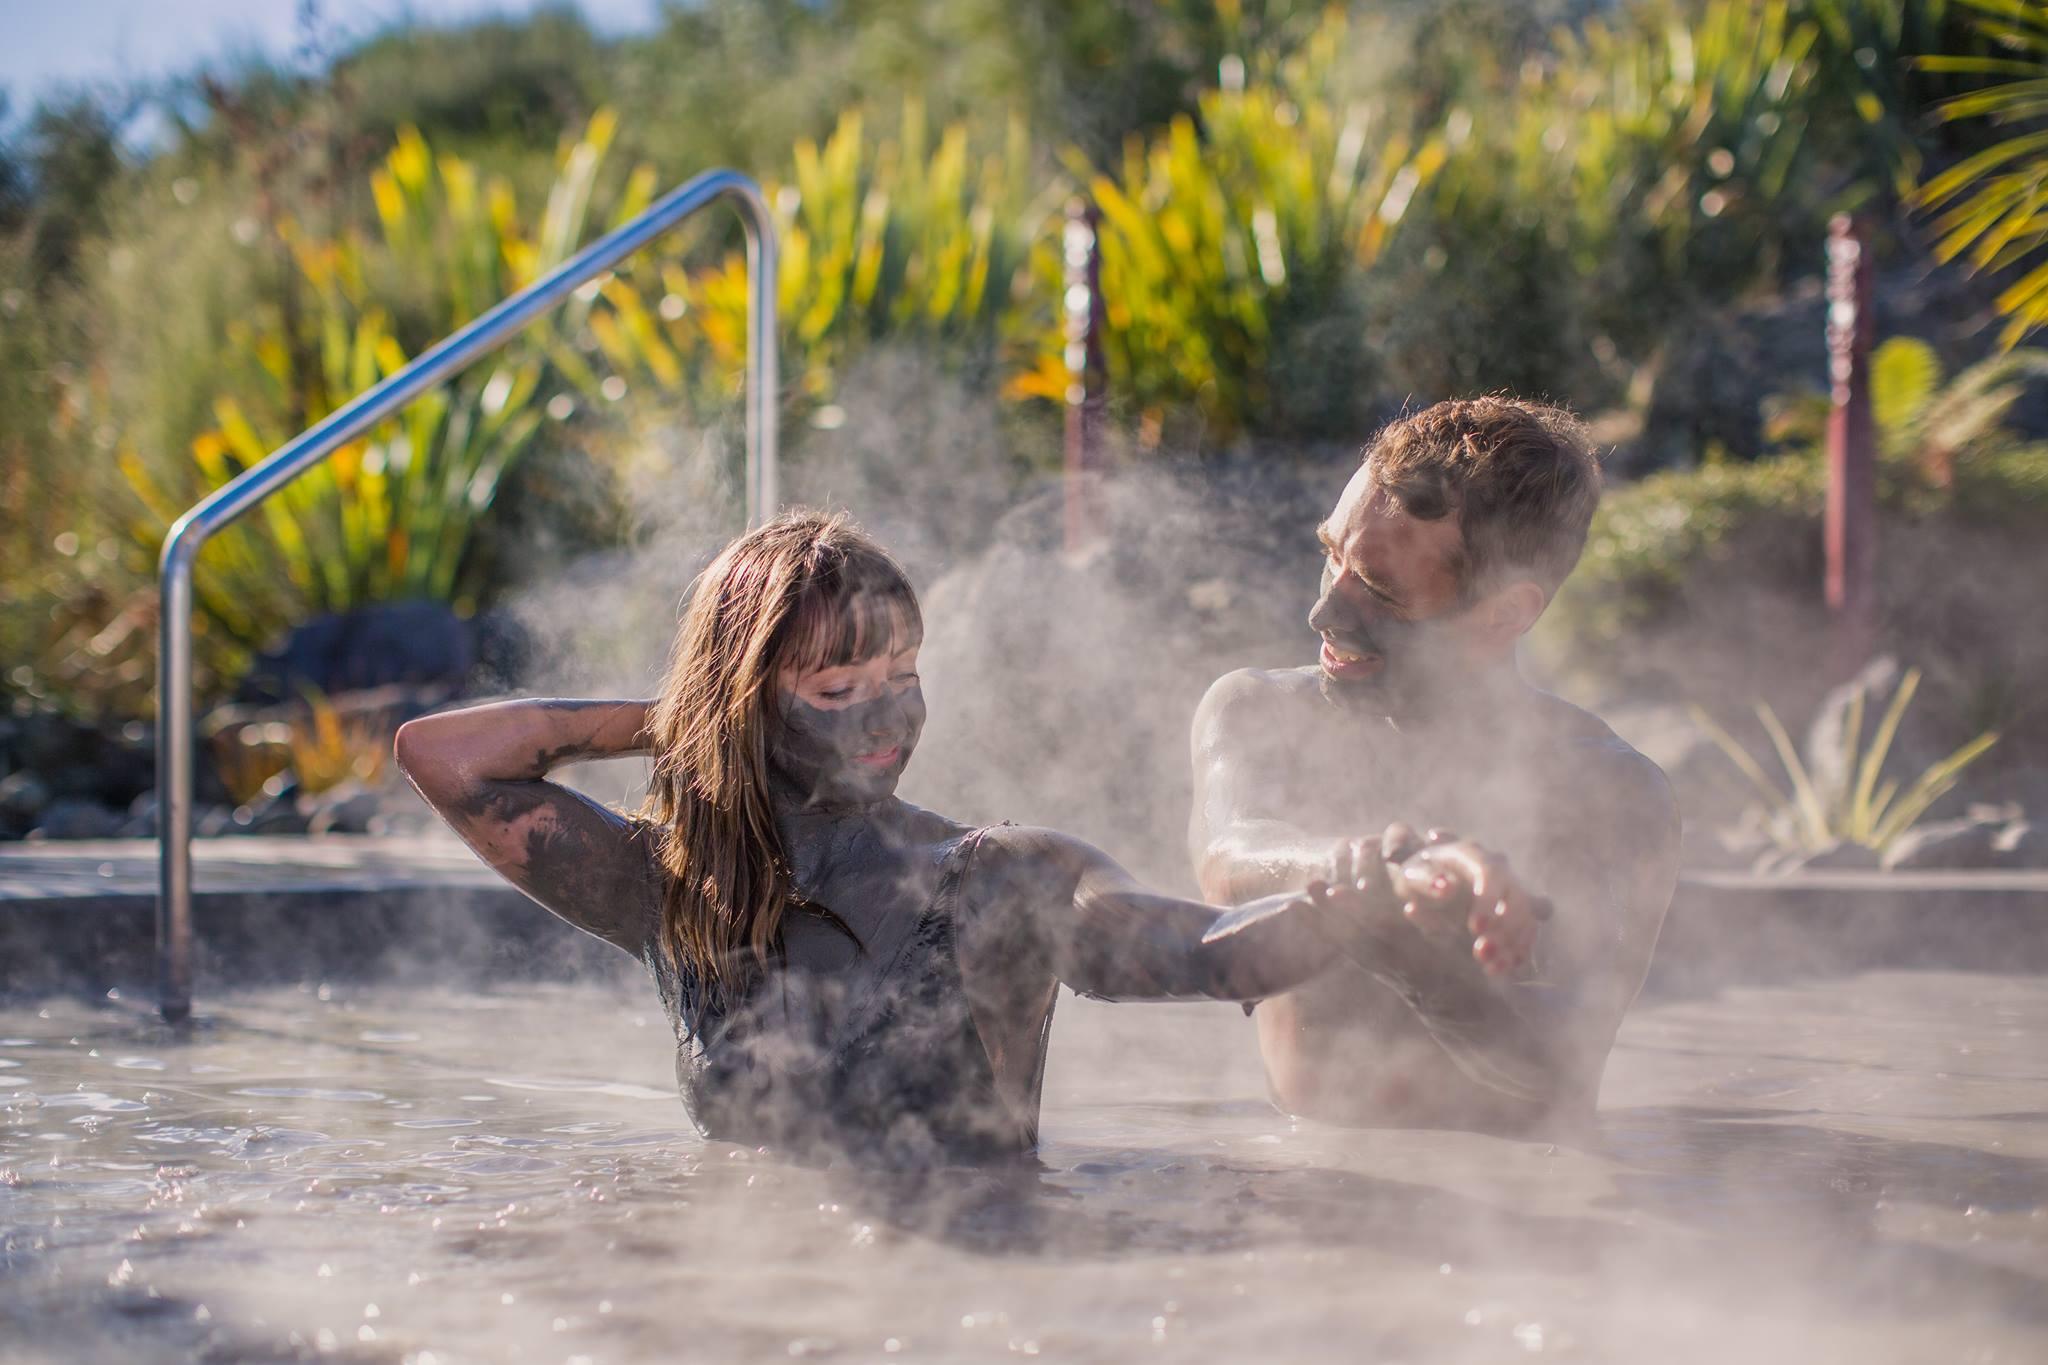 【紐西蘭北島地熱仙境】羅托魯瓦地熱公園 Hells Gate 門票